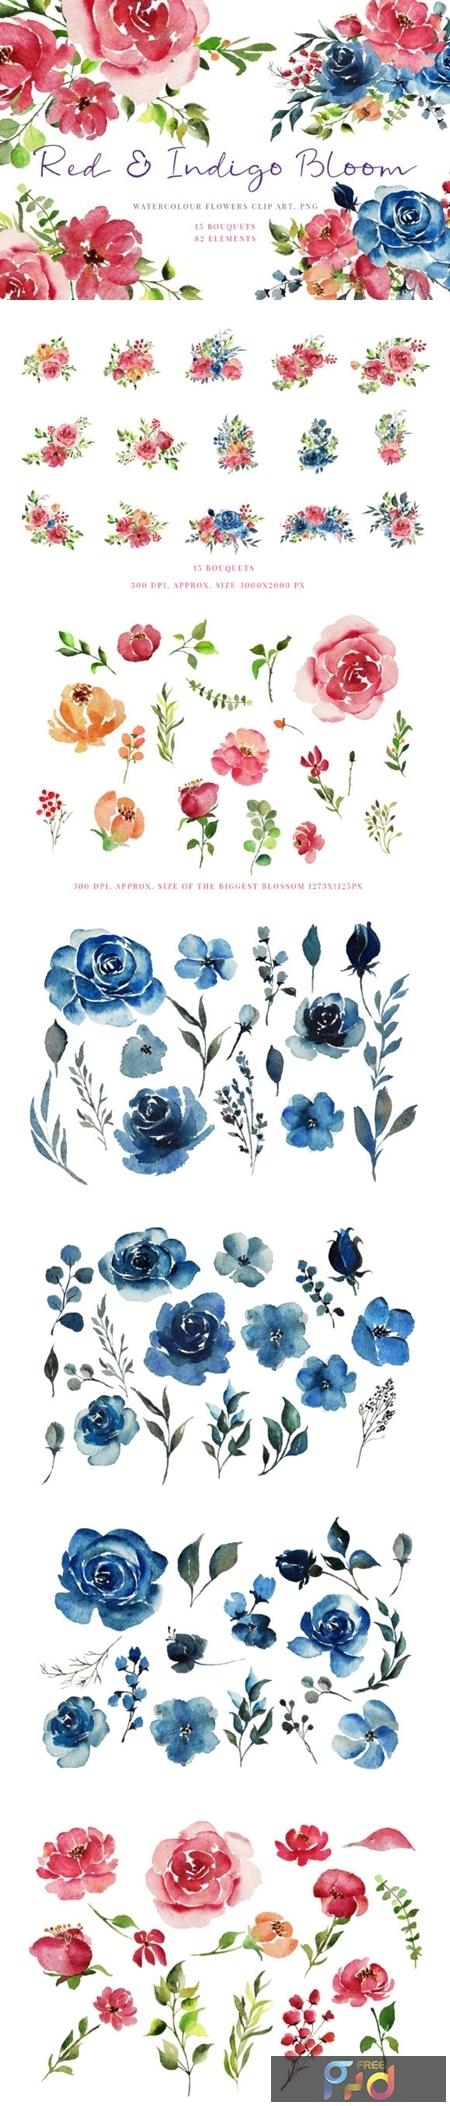 Handpainted Red & Indigo Flowers 1717731 1